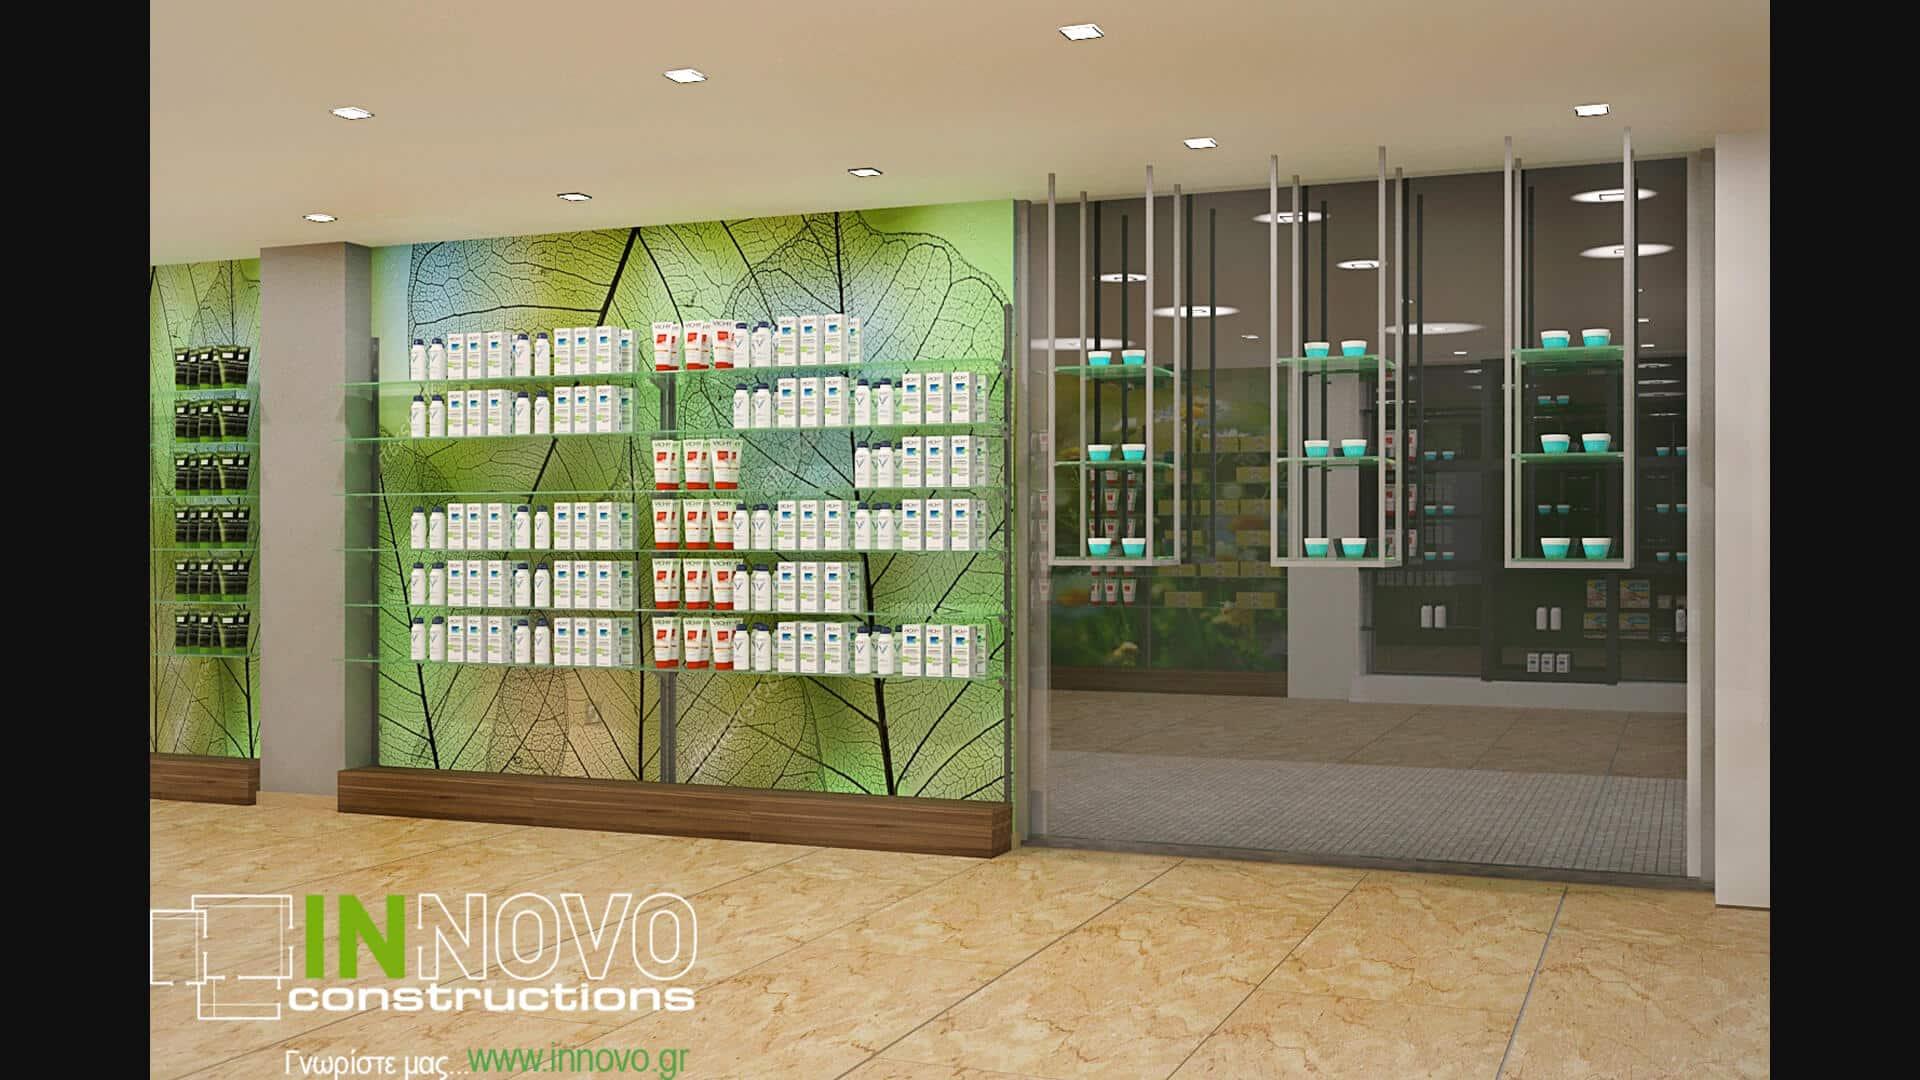 Εξοπλισμός φαρμακείου στο Νέο Ηράκλειοαπό την Innovo